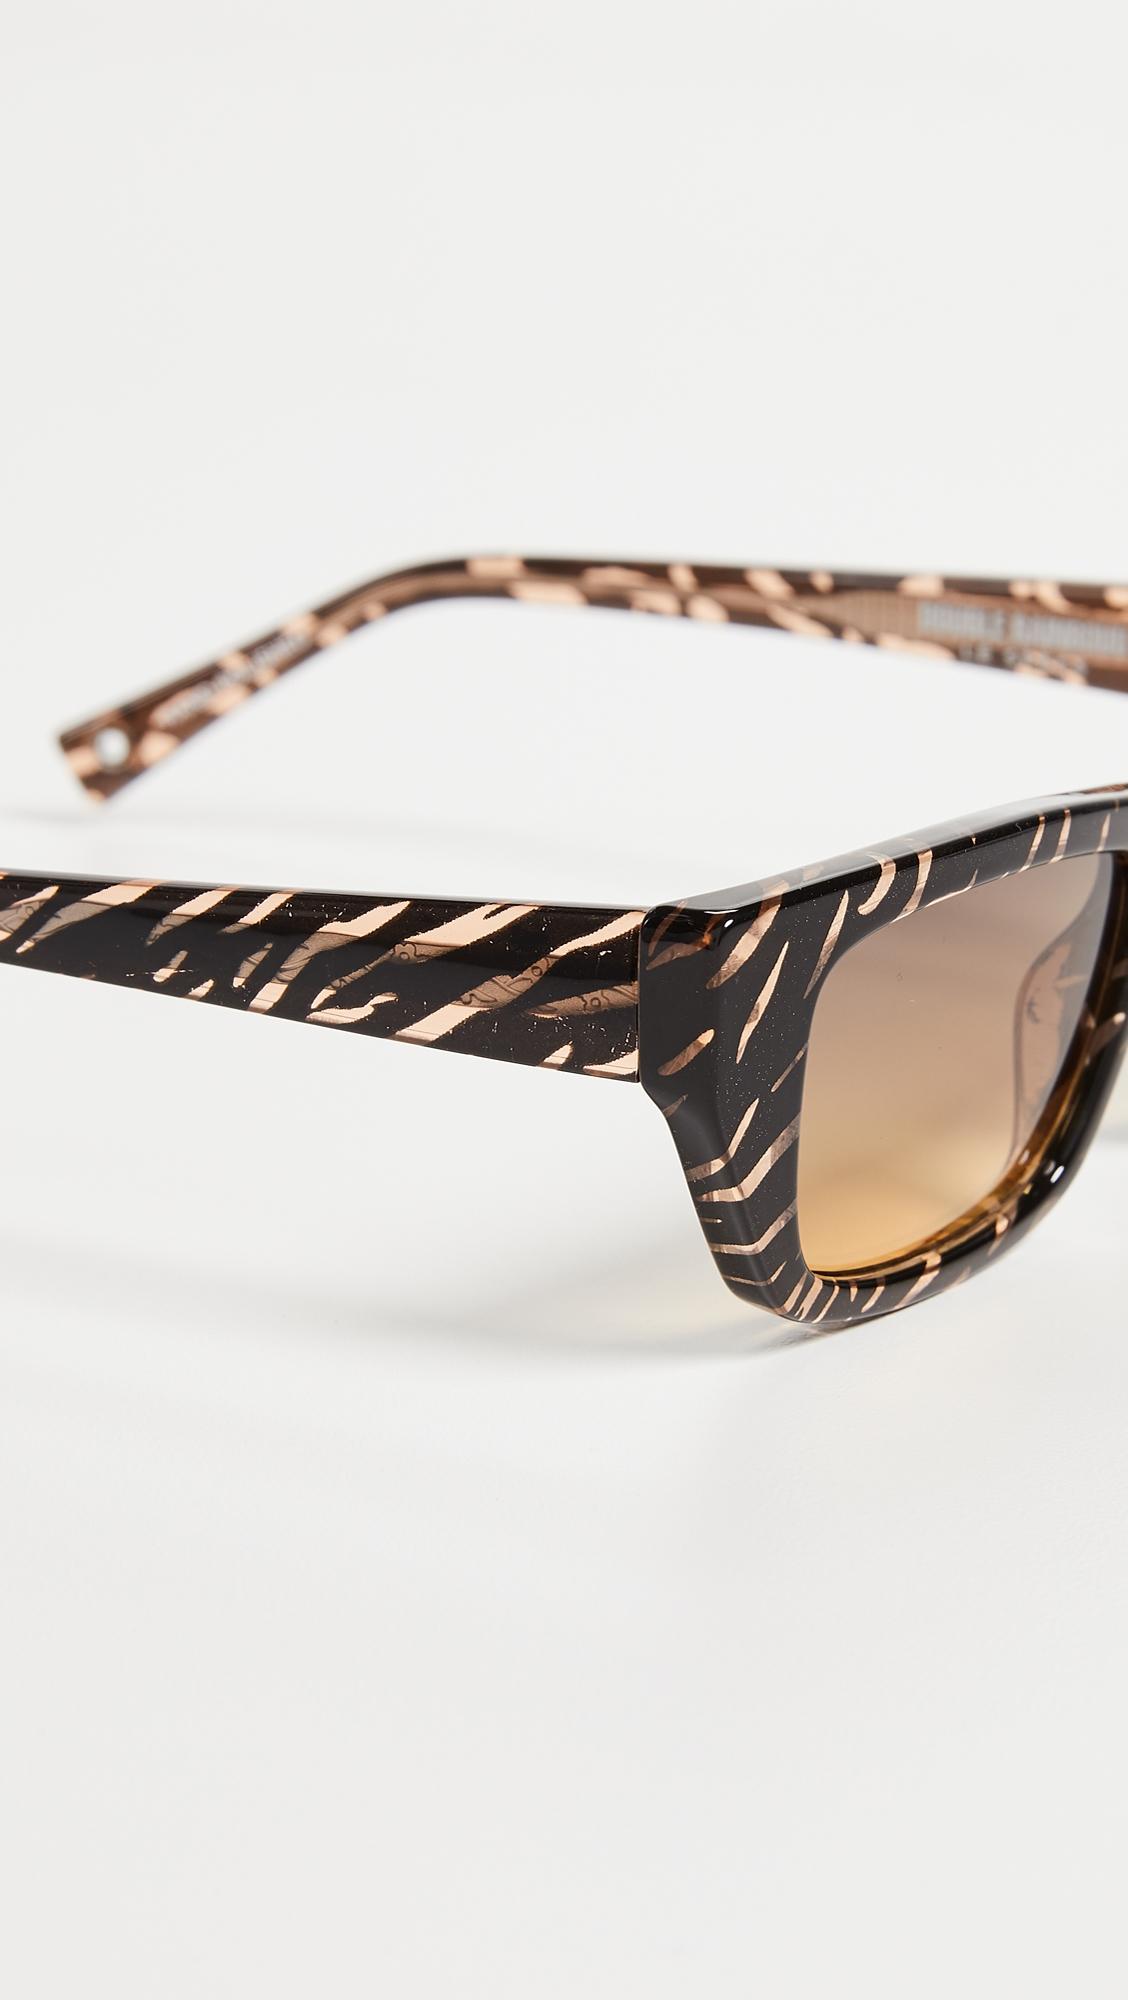 Le Specs   Le Specs x Double Rainbouu Cold Wave Sunglasses   Clouty